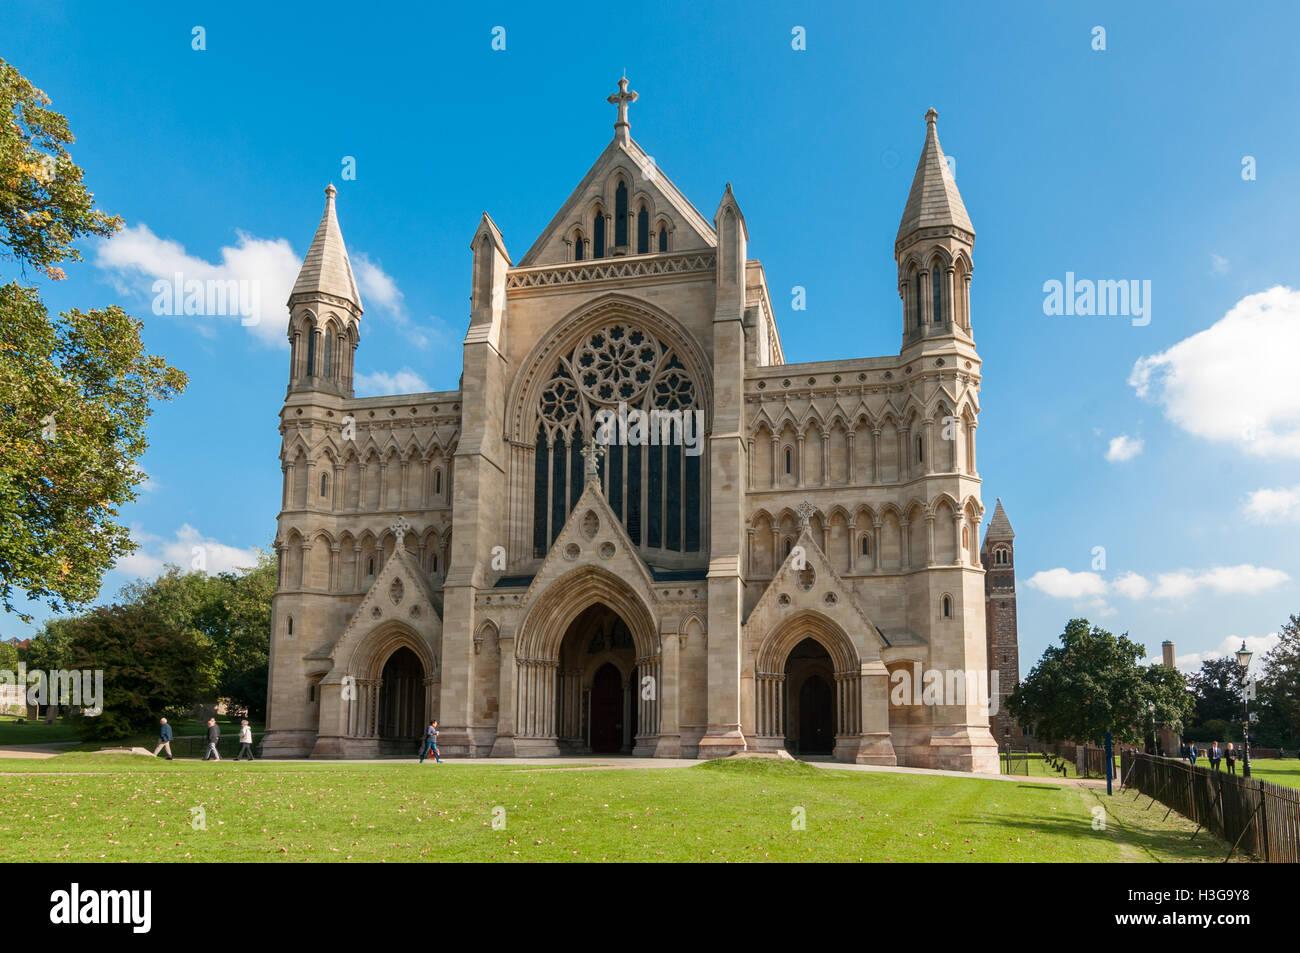 st-albans-cathedral-united-kingdom-H3G9Y8.jpg